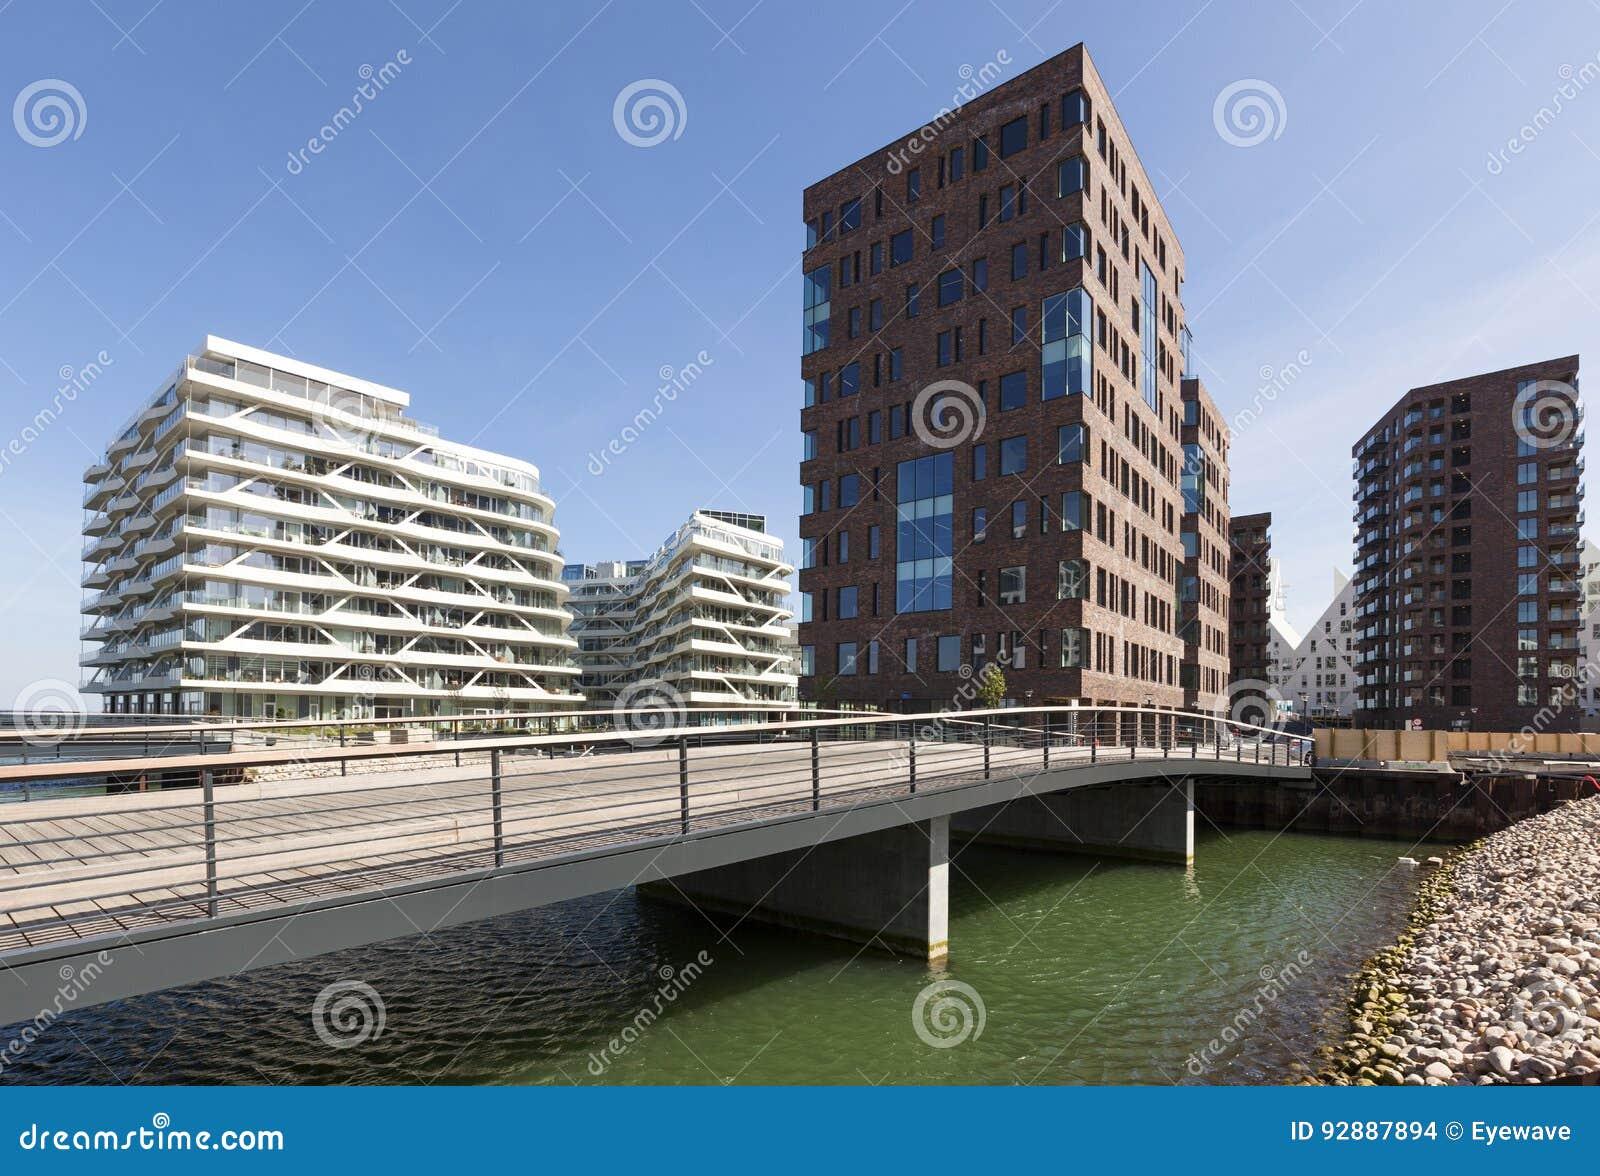 Zeitgenössische Architektur In Aarhus, Dänemark Stockfoto - Bild von ...